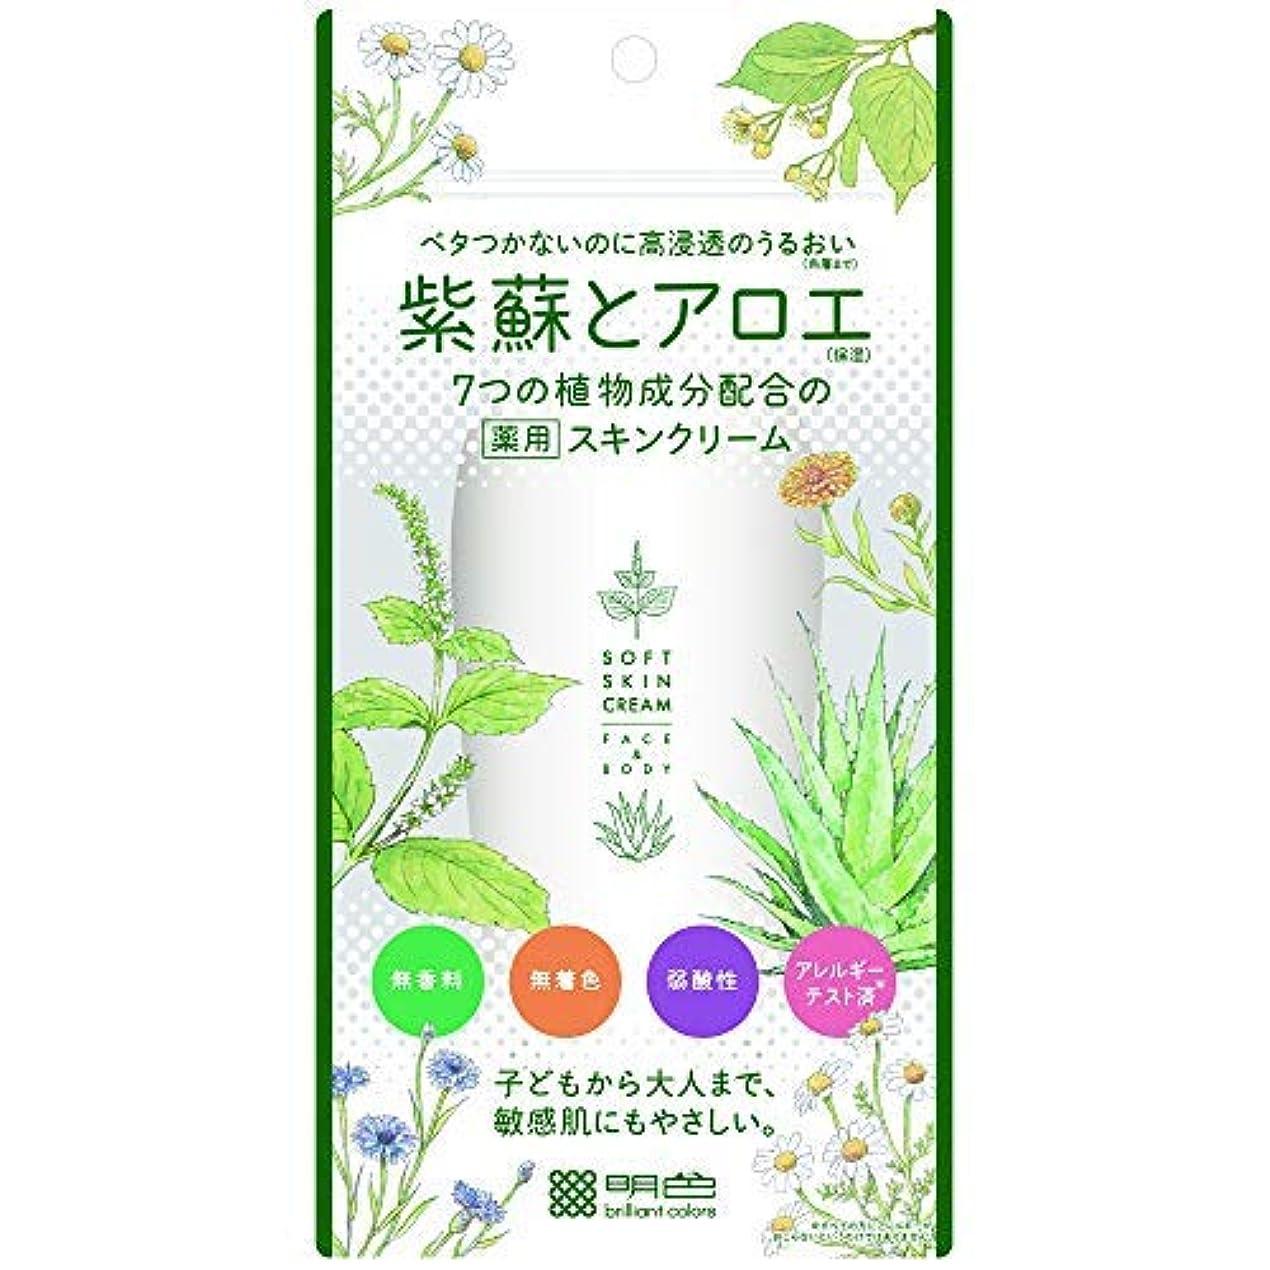 恐ろしいです愛するゾーン紫蘇とアロエ 薬用スキンクリーム × 24個セット